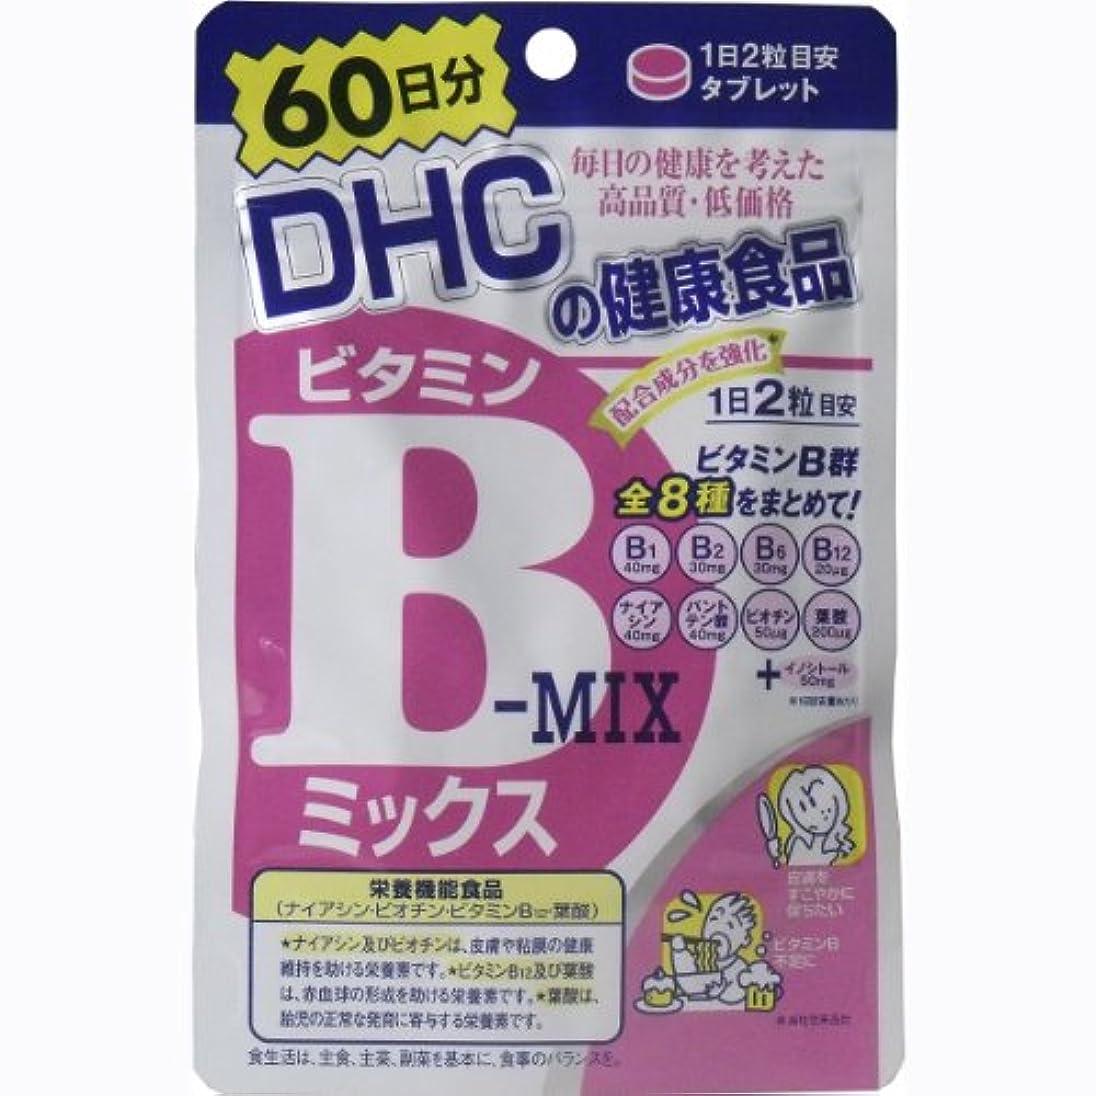 続編カストディアン栄光のDHC ビタミンBミックス 120粒 60日分【4個セット】